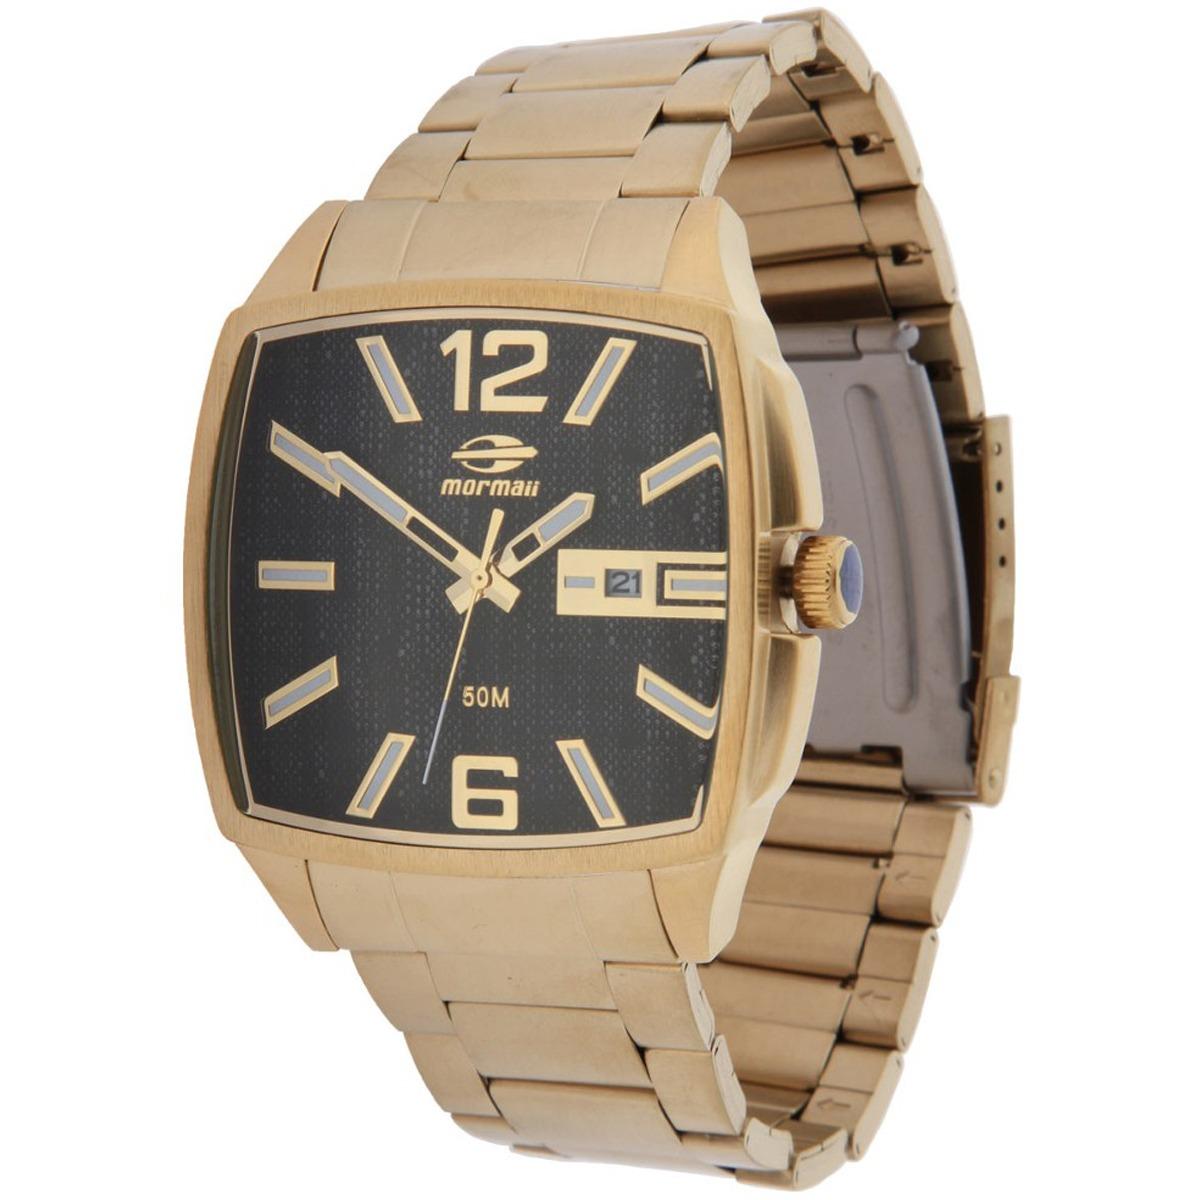 a5afe1c747aa5 Relógio Mormaii Loyal Dourado - R  399,90 em Mercado Livre